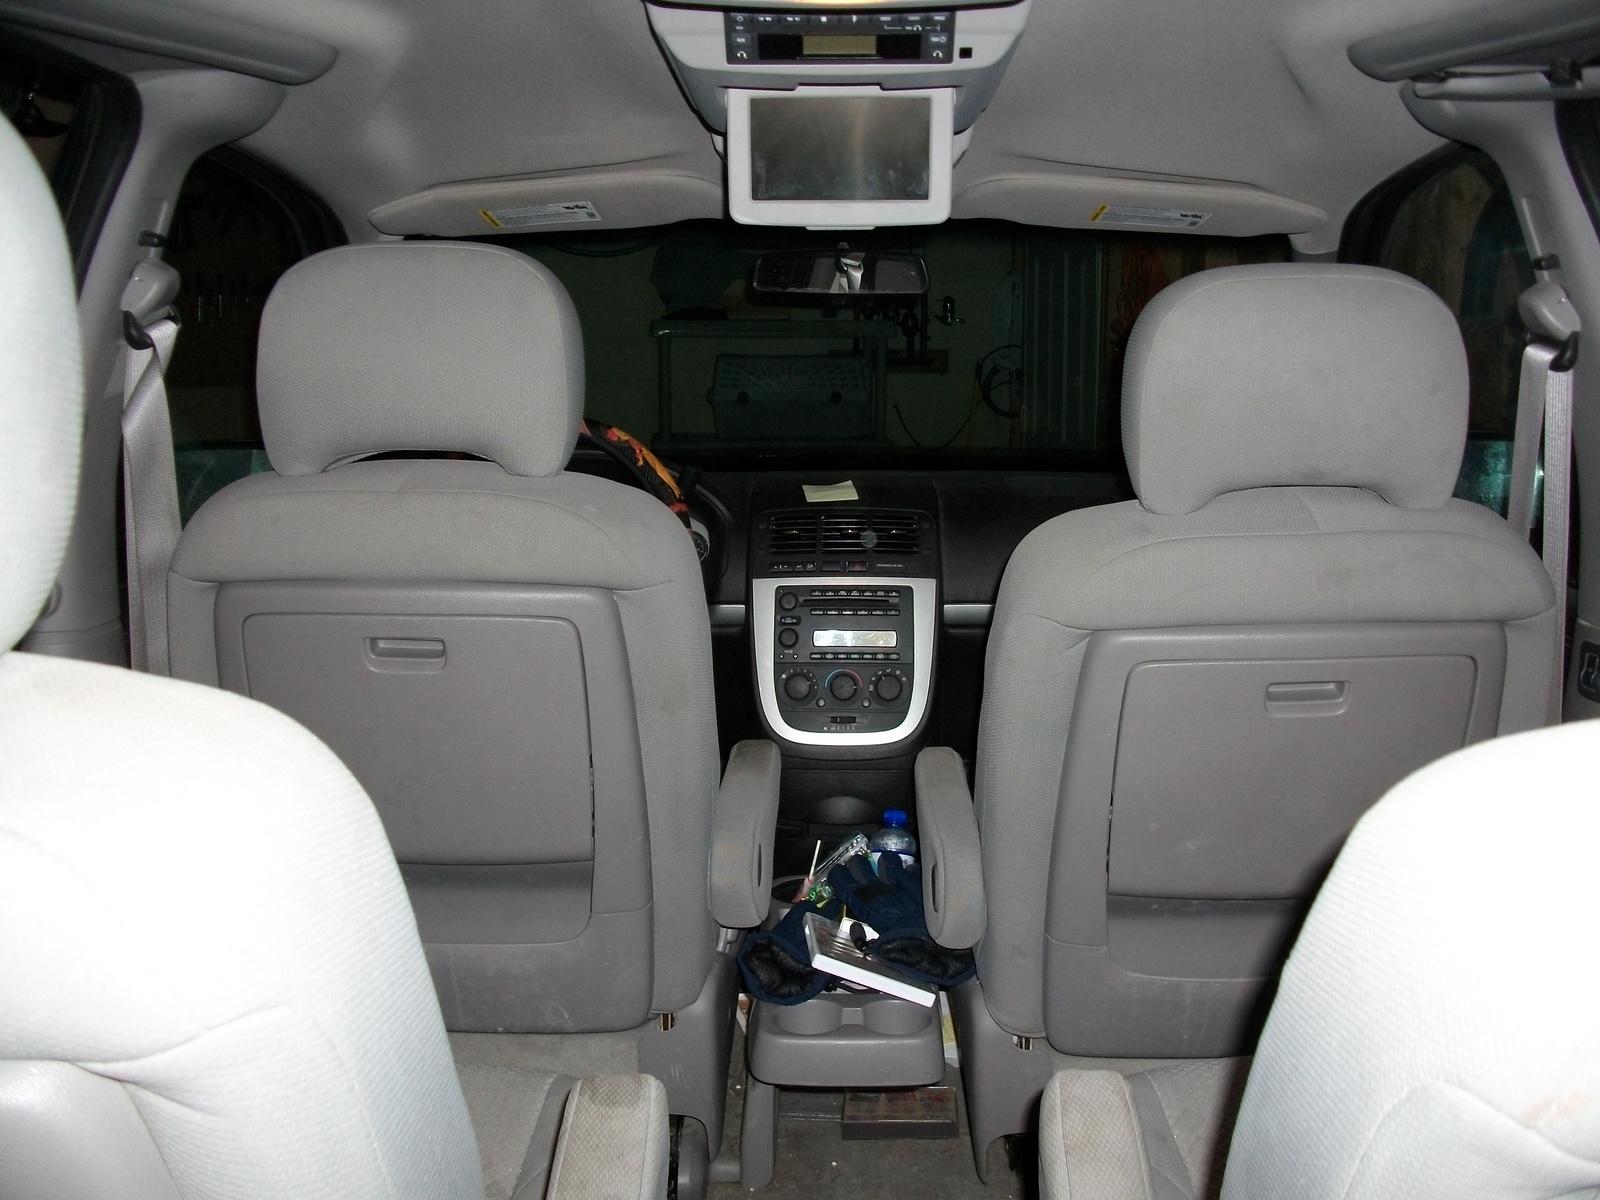 Pontiac Montana II SV6 2005 - 2009 Minivan #6